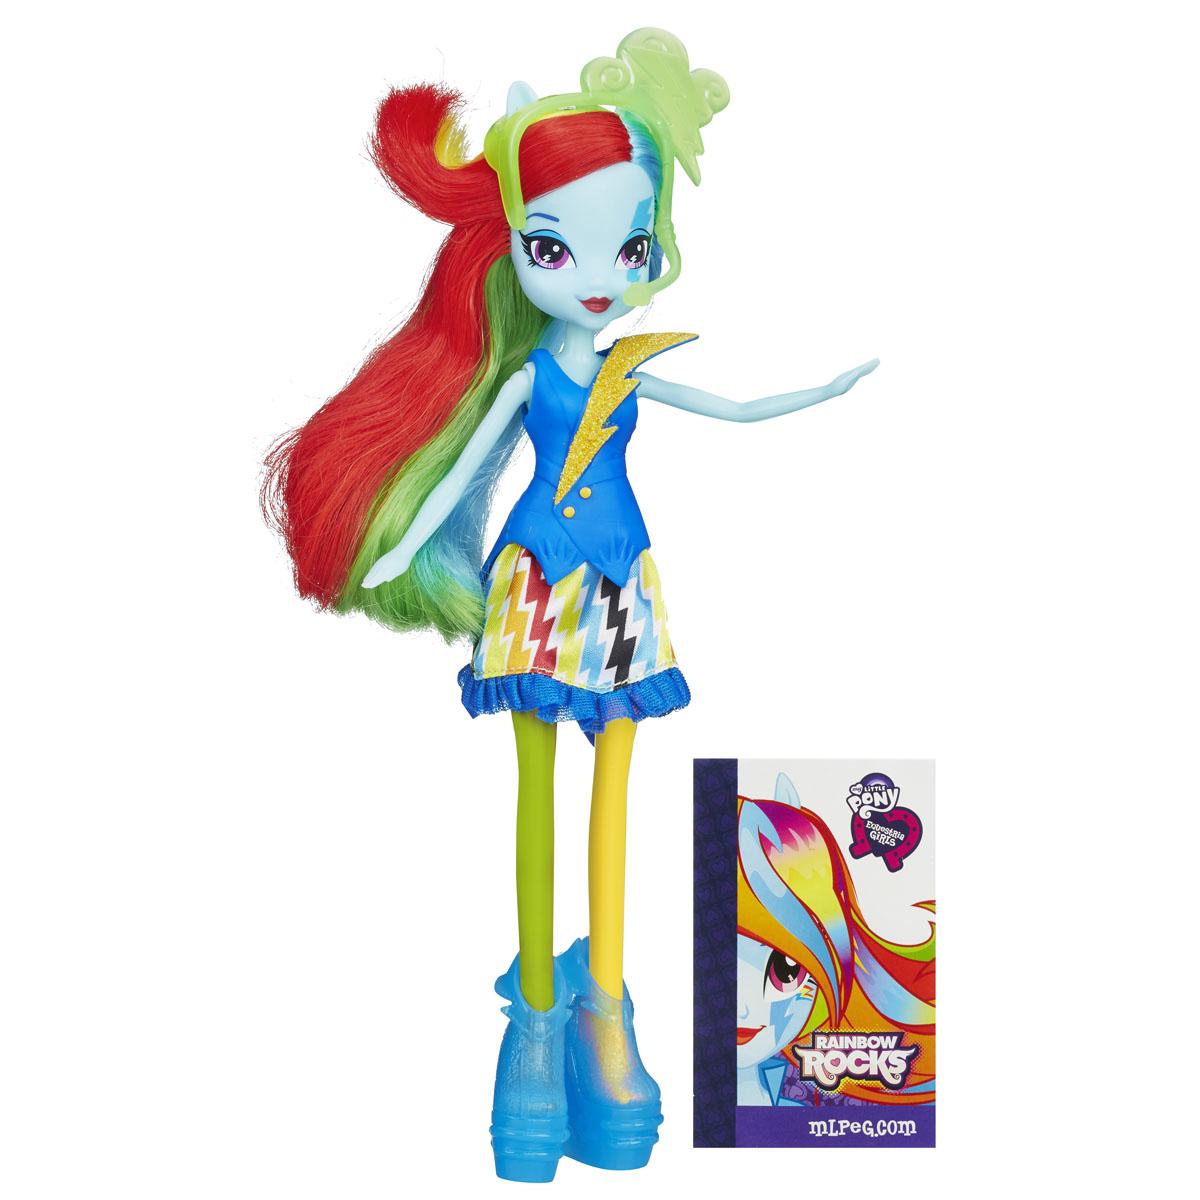 My Little Pony Кукла Rainbow Rocks Рейнбоу Дэш с рыжими волосамиB0458_A3994_SolidКуклы пони-девочки из мультфильма Equestria Girl (Девочки из Эквестрии) - это удивительные и очаровательные куклы, которых так давно ждали ценители маленьких пони. В серии Rainbow Rocks все куклы - звезды рок-группы, они очень стильно одеты и шикарно выглядят. Каждая кукла - яркая индивидуальность! Кукла My Little Pony Rainbow Rocks: Рейнбоу Дэш в точности повторяет внешний вид героини из мультфильма. Кукла выполнена в виде девочки-пони Рейнбоу Дэш. Ее эффектный образ создан специально для выступления на рок-концерте. Длинные волосы Рэйнбоу окрашены во все цвета радуги. Куколка одета в синее платье с пышной юбкой, оформленное блестками, на ногах у нее - прозрачные полусапожки, а голова украшена тиарой с микрофоном и наушниками. Голова, руки и ноги куклы подвижны, благодаря чему ей можно придавать различные позы. Игры с куклой способствуют эмоциональному развитию ребенка, а также помогают формировать воображение и художественный вкус. Малышка проведет...